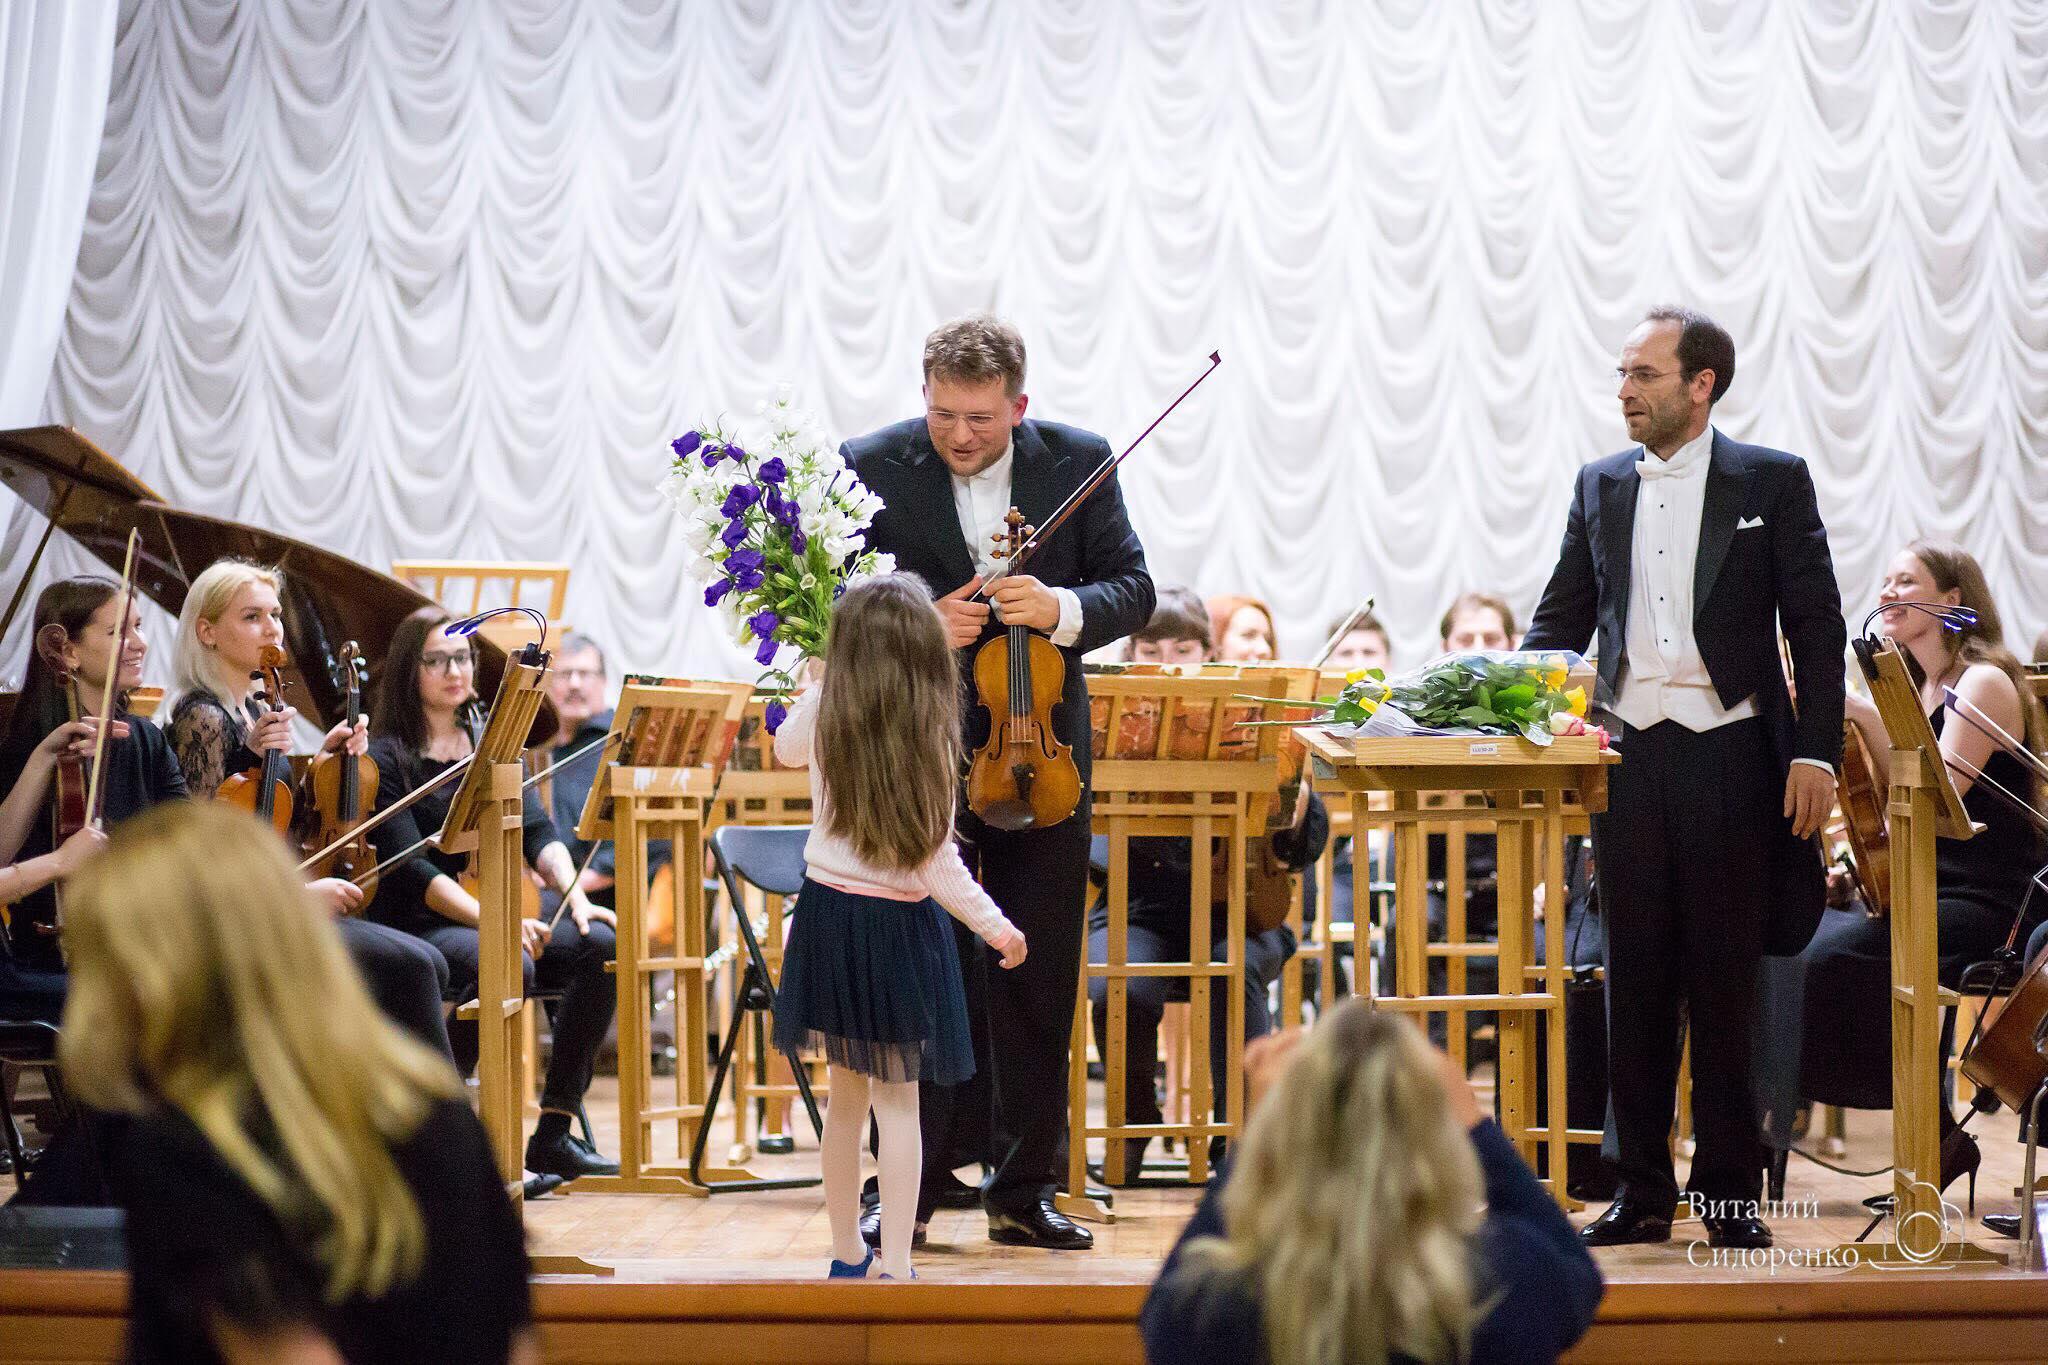 Всесвітньо відомі харківські музиканти виступлять в рідному місті на закритті міжнародного музичного фестивалю (10.12)